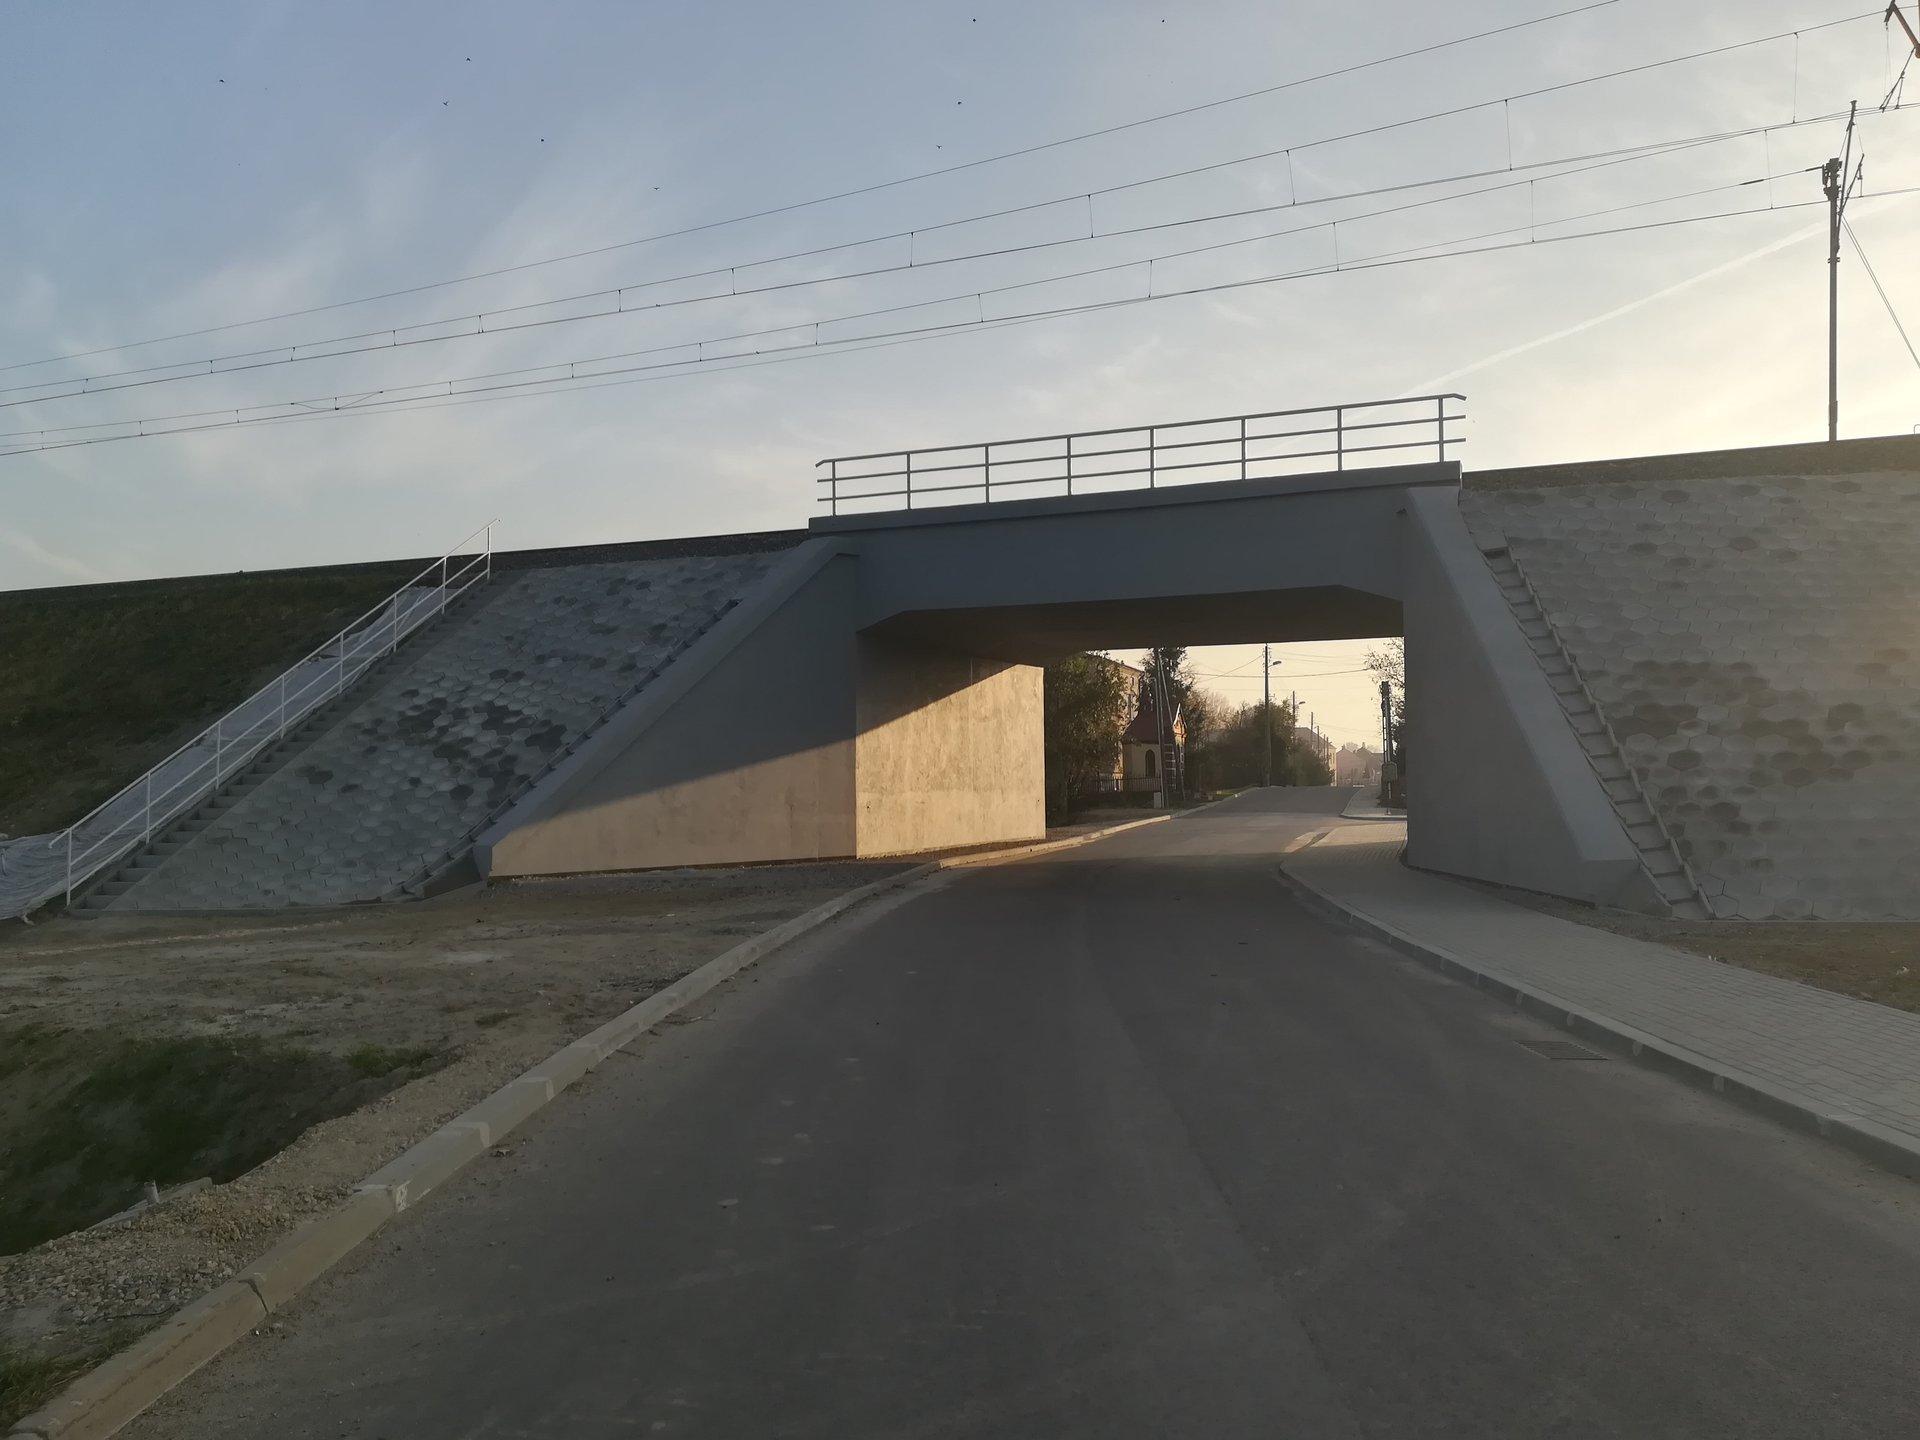 Zmodernizowany wiadukt kolejowy w Ostrowie (fot. PKP PLK)